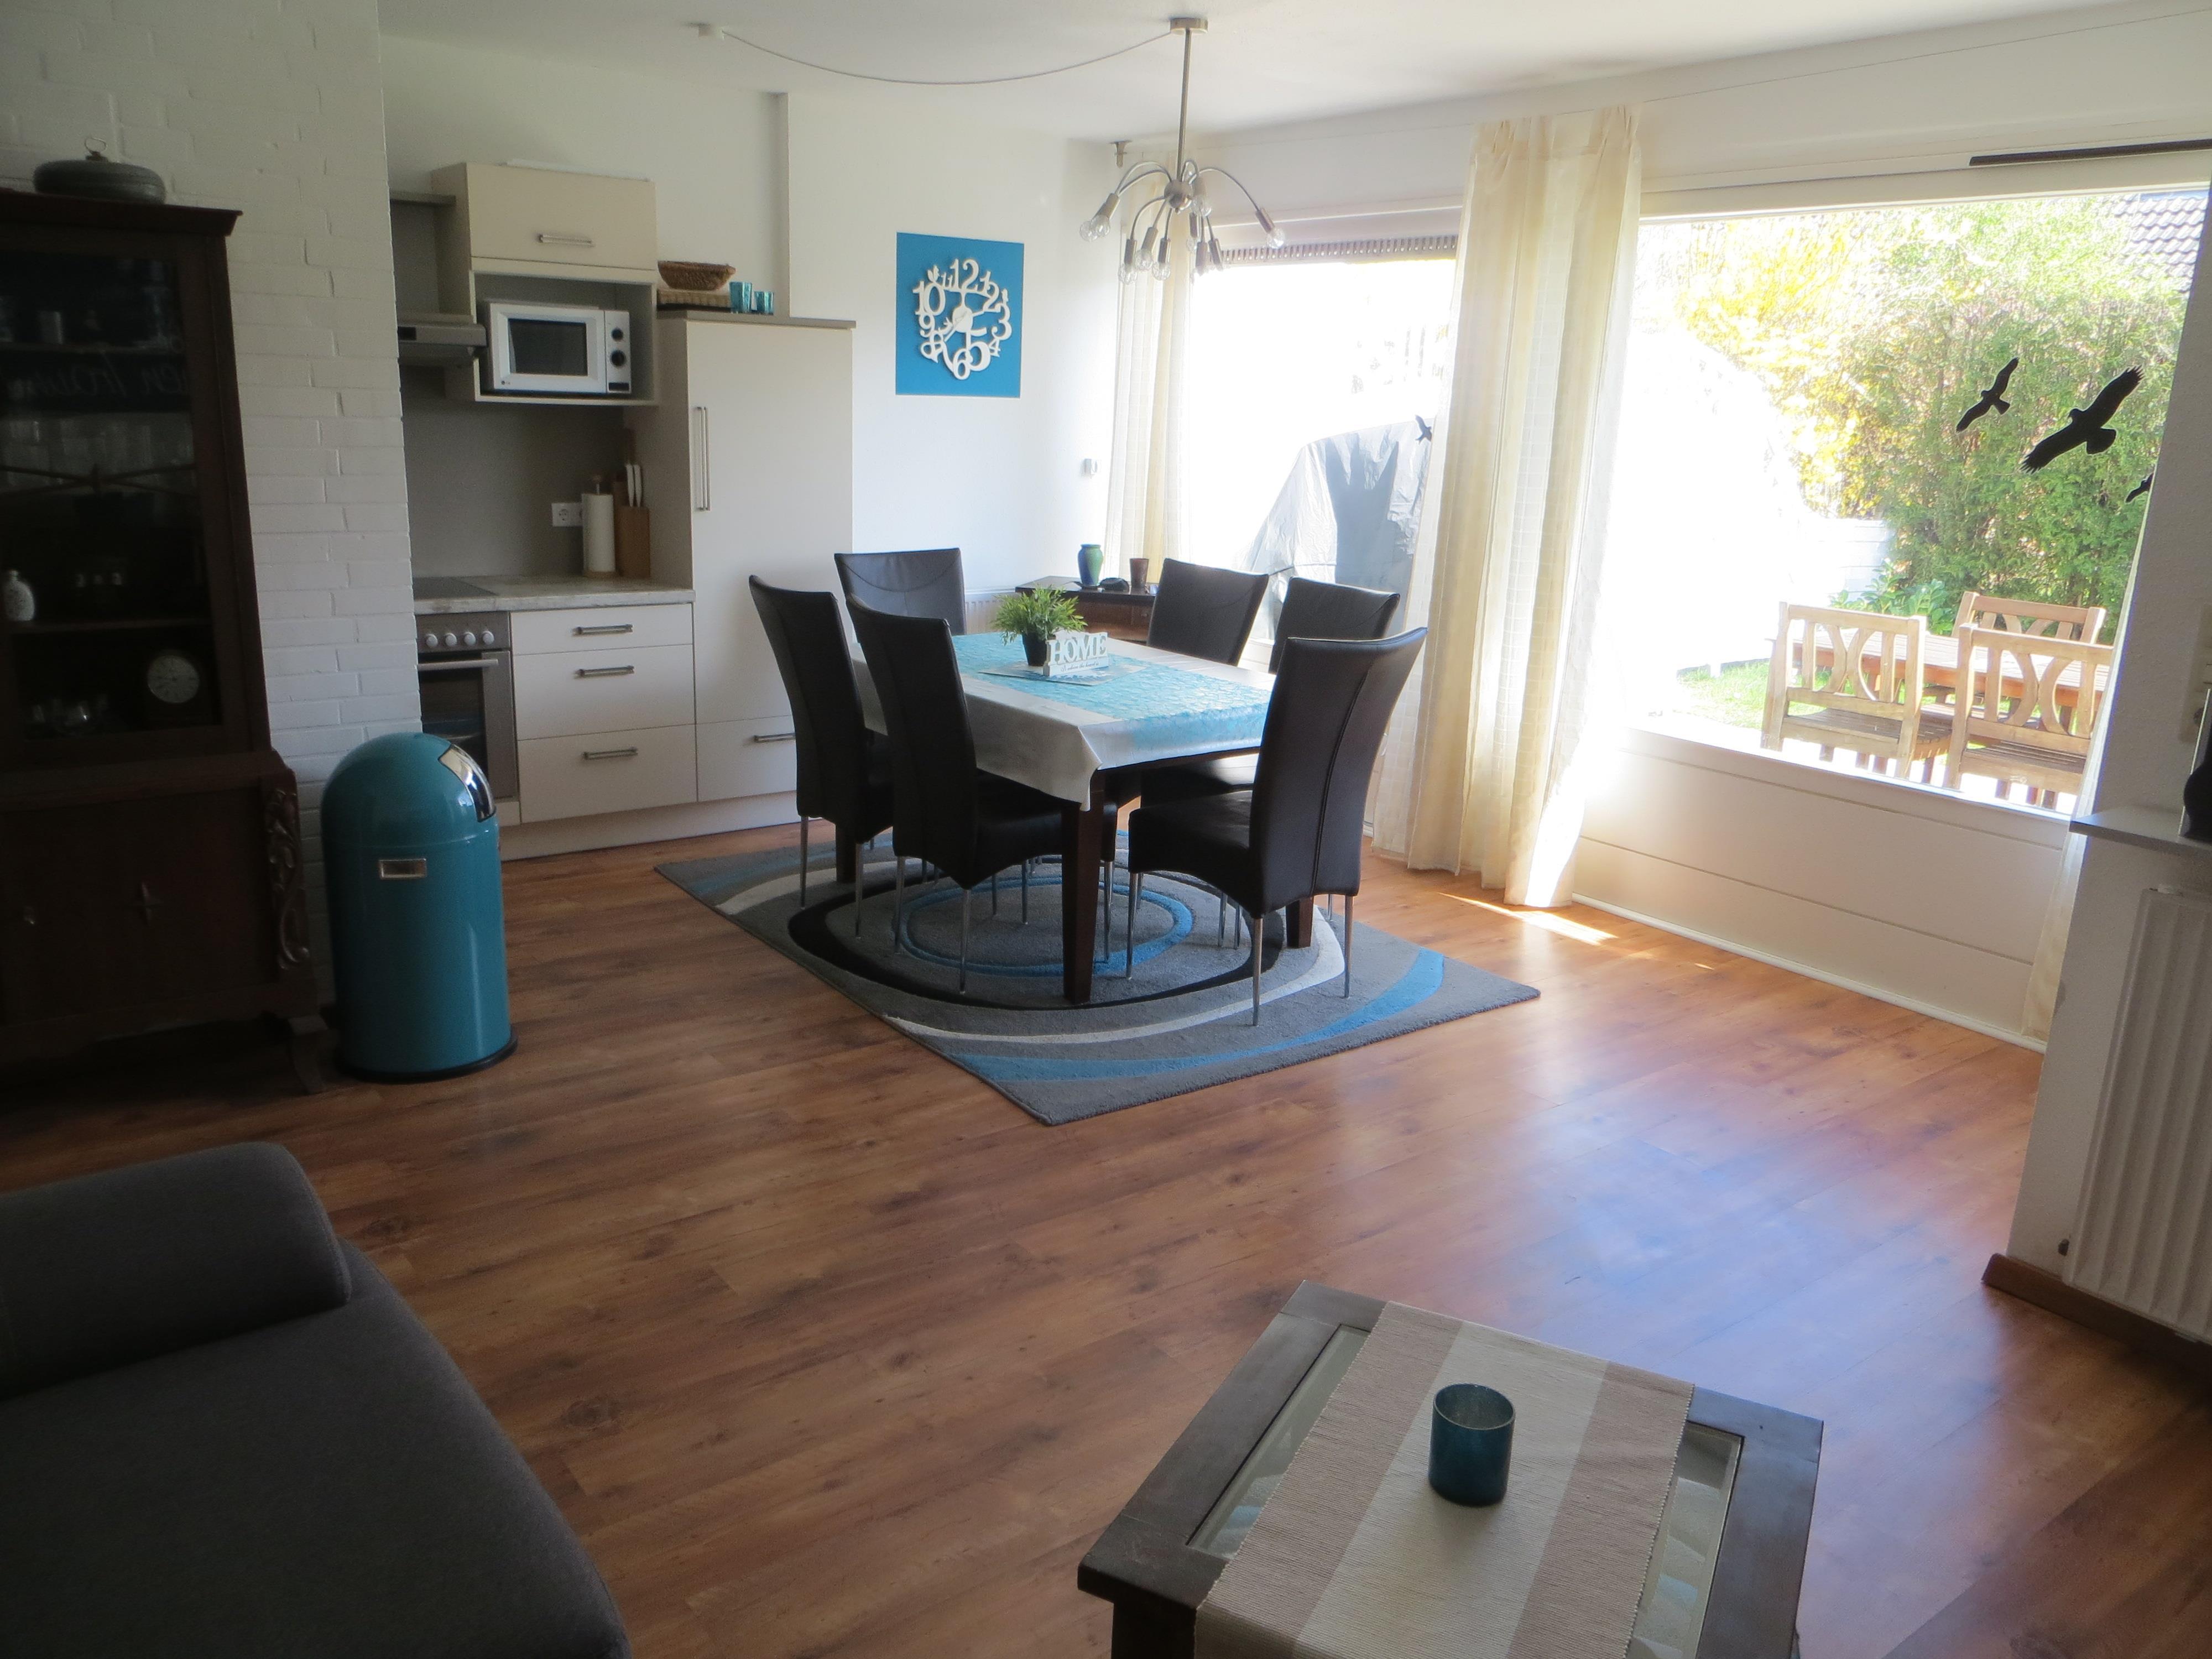 Wohnzimmer esszimmer und kuche in einem ihr traumhaus ideen - Moderne kuche mit wohnzimmer ...